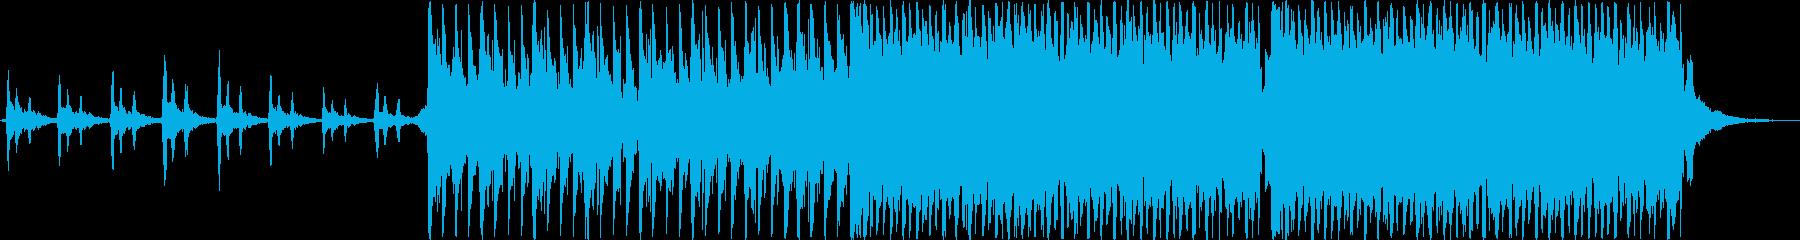 クレッシェンドの再生済みの波形